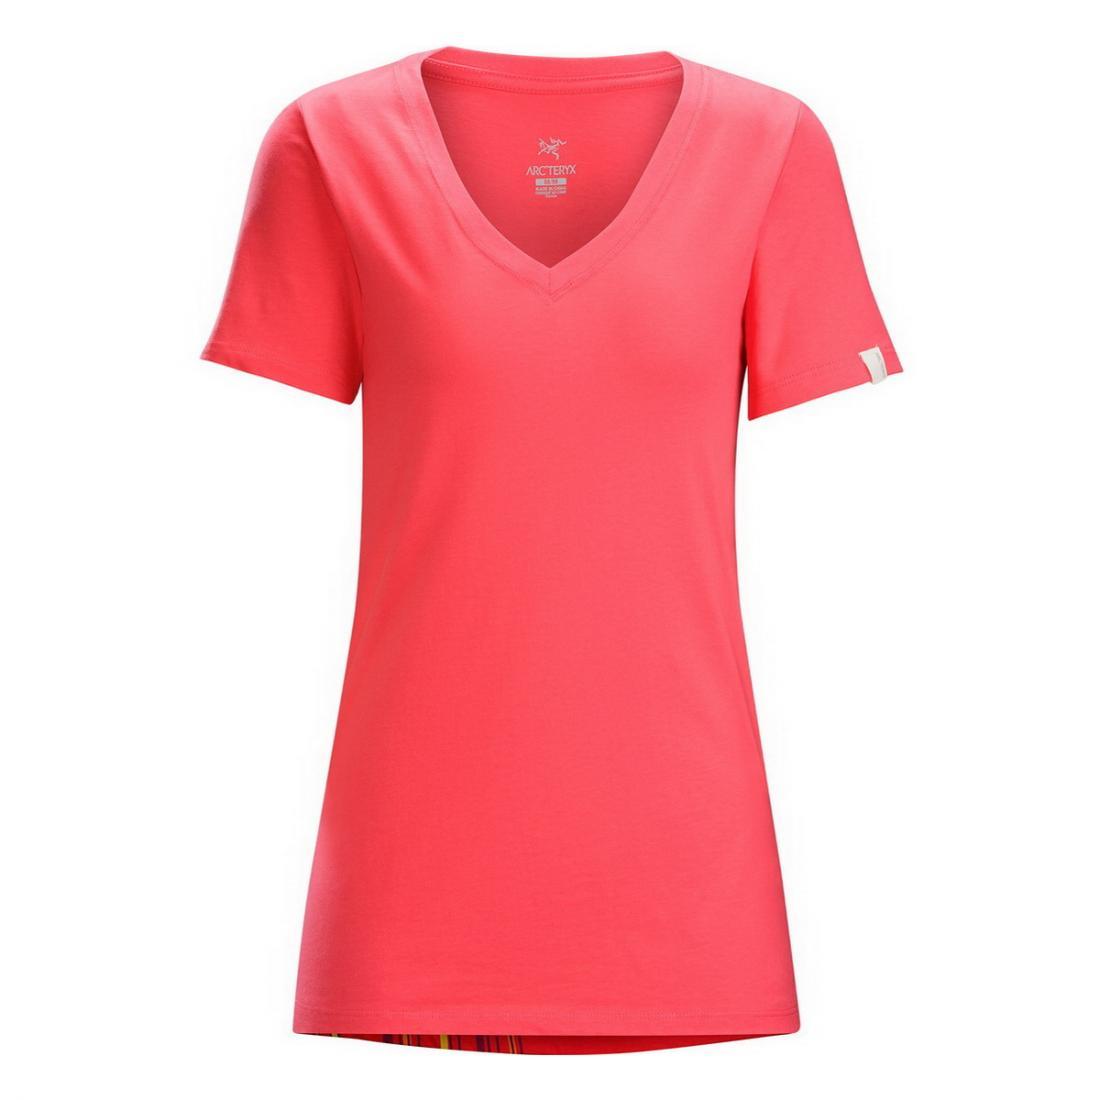 Футболка Bird Trio SS T-Shirt жен.Футболки, поло<br><br> Женская футболка Arcteryx Bird Trio с принтом, расположенным на плече и круглым вырезом изготовлена из натурального хлопка. Этот легкий, гигиен...<br><br>Цвет: Розовый<br>Размер: L